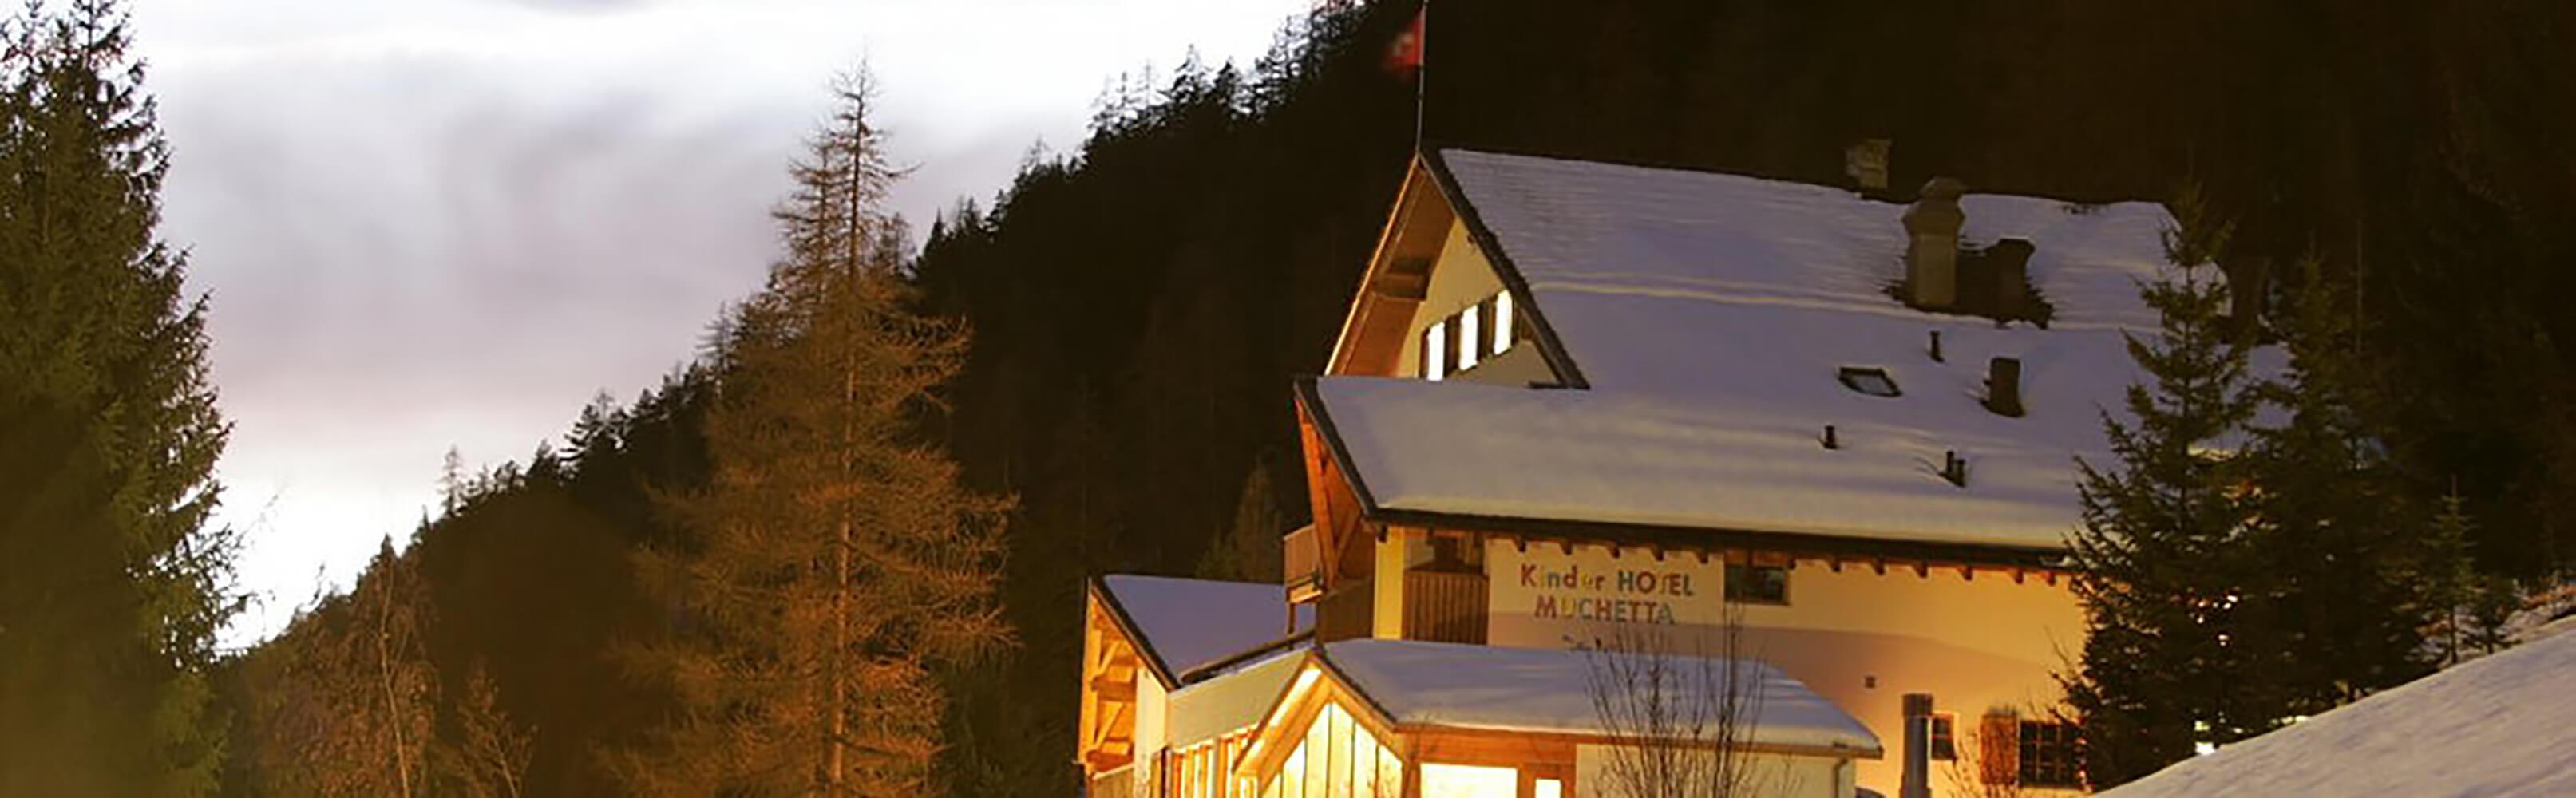 Apart- und Kinderhotel Muchetta - Ferien für die ganze Familie 1